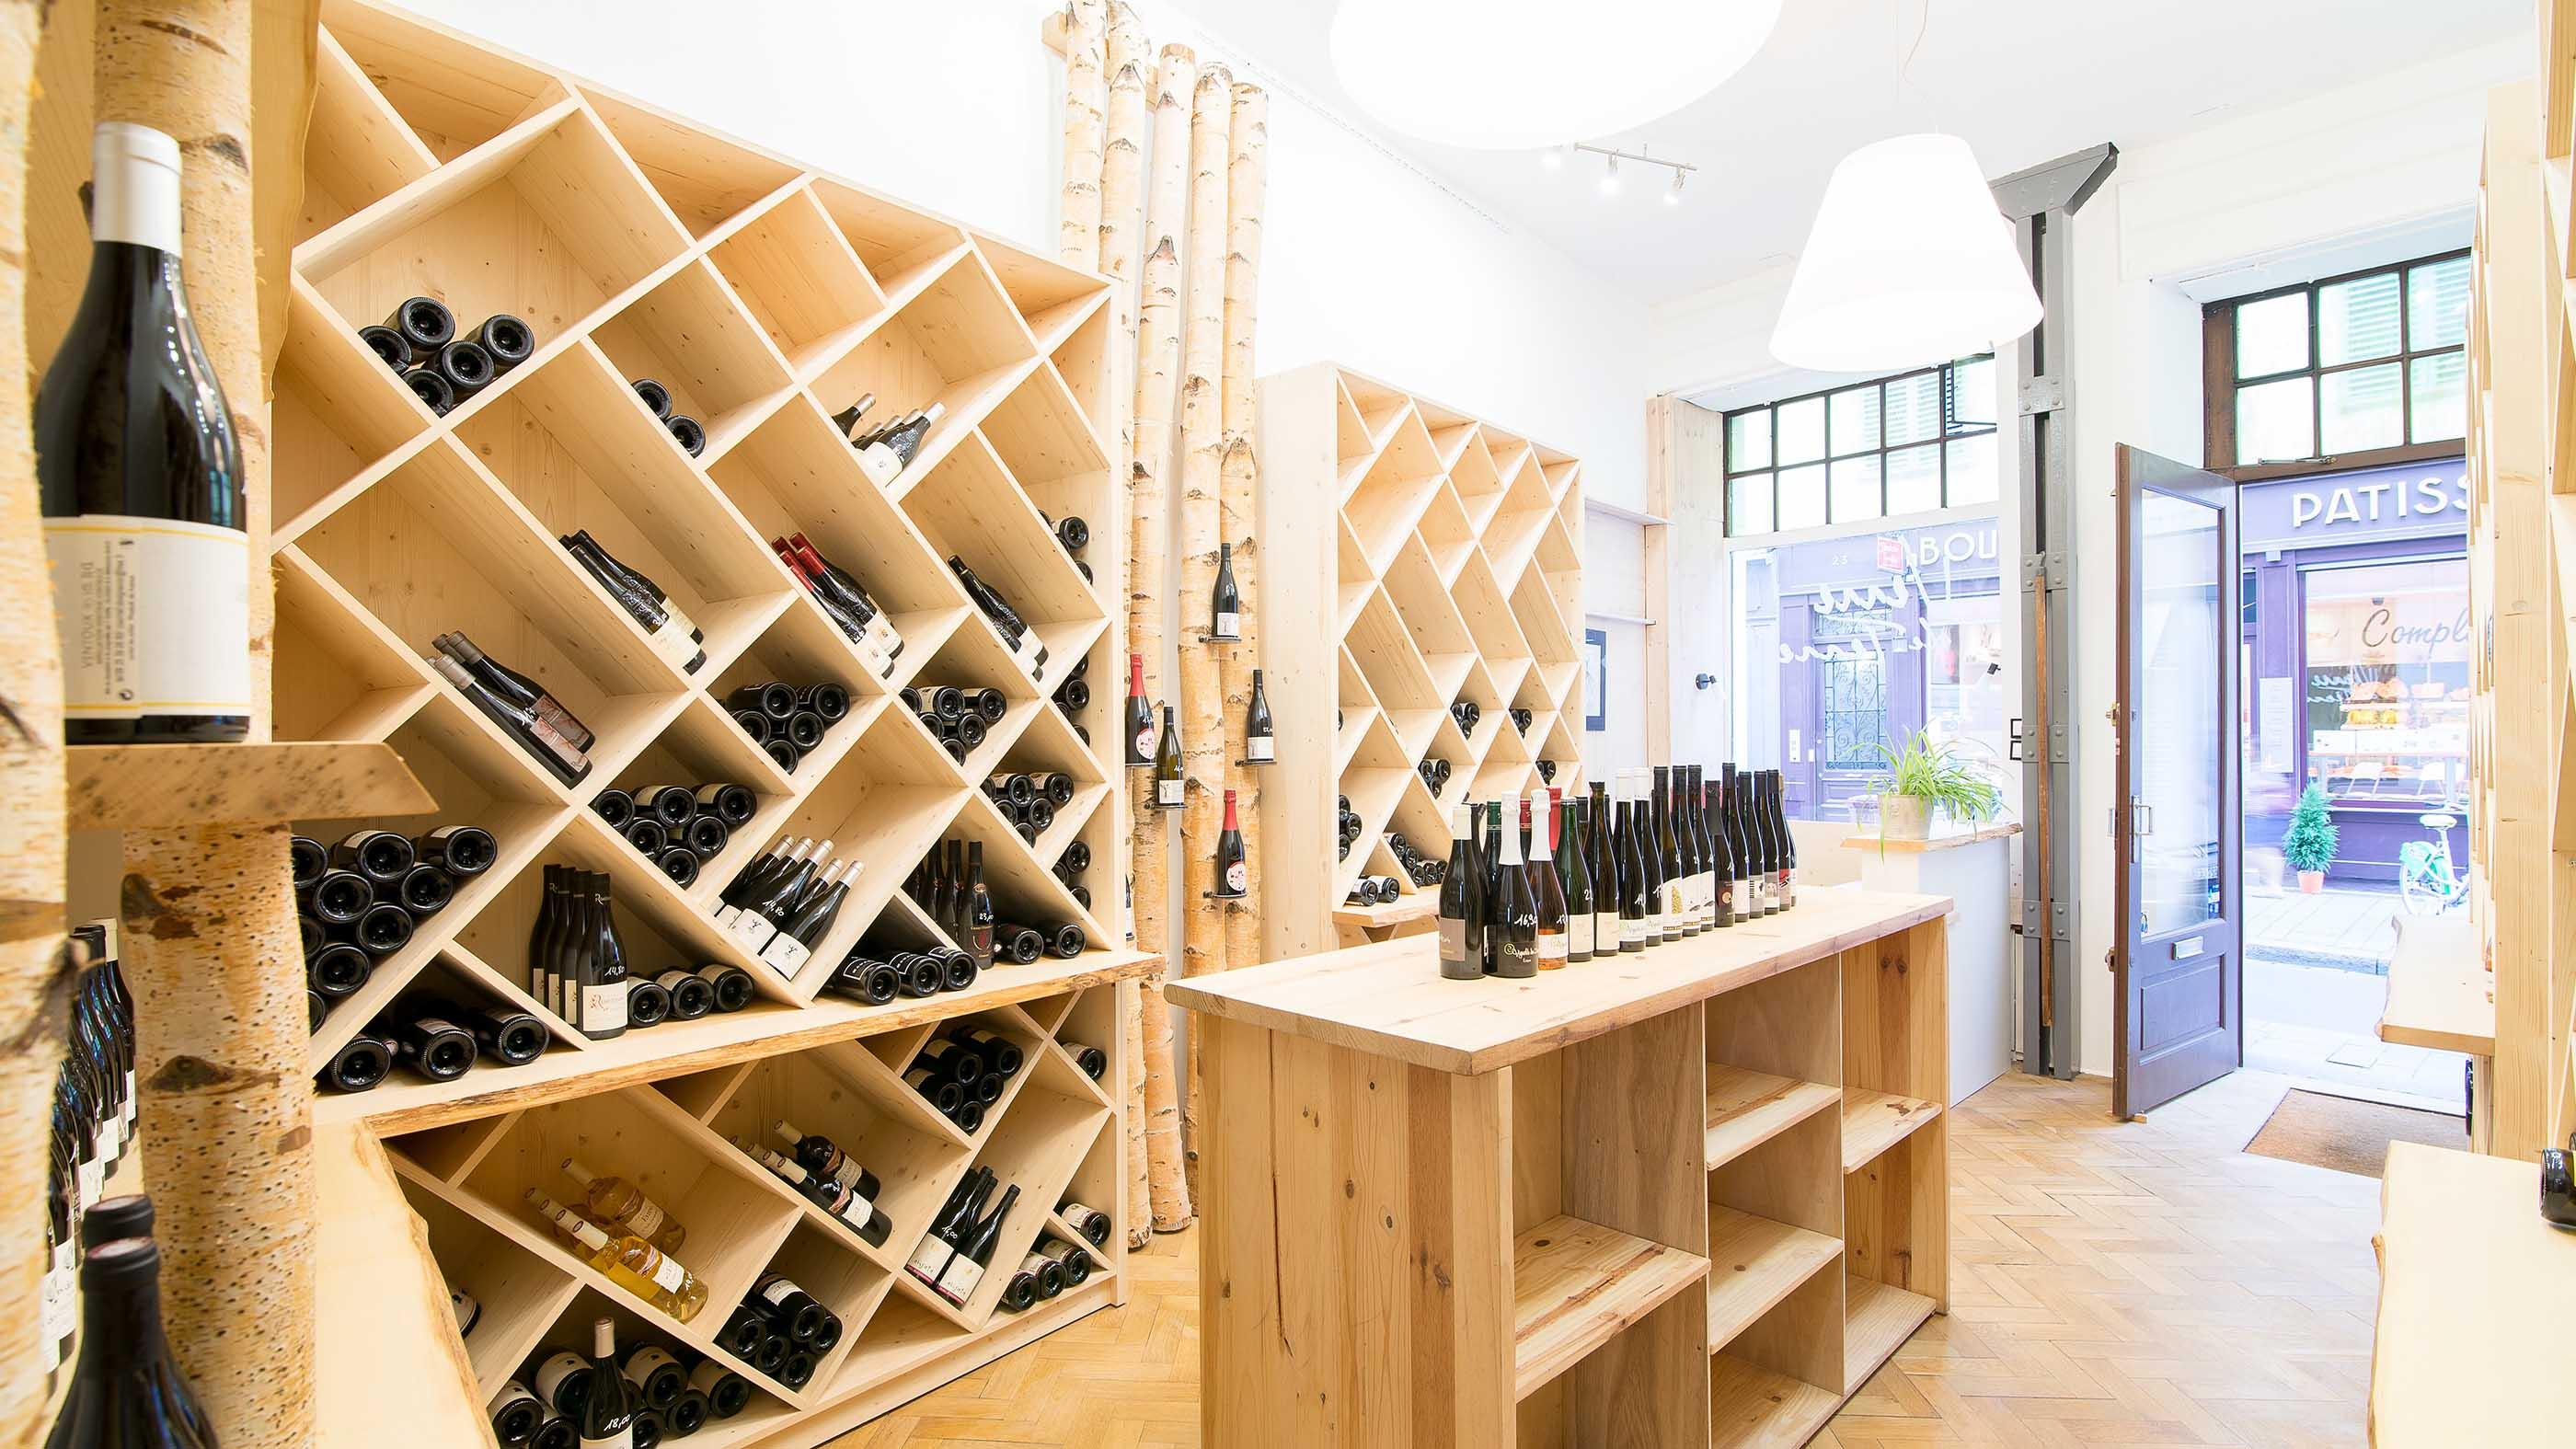 Aménagement original d'un magasin de vente de vins dans le Bas-Rhin